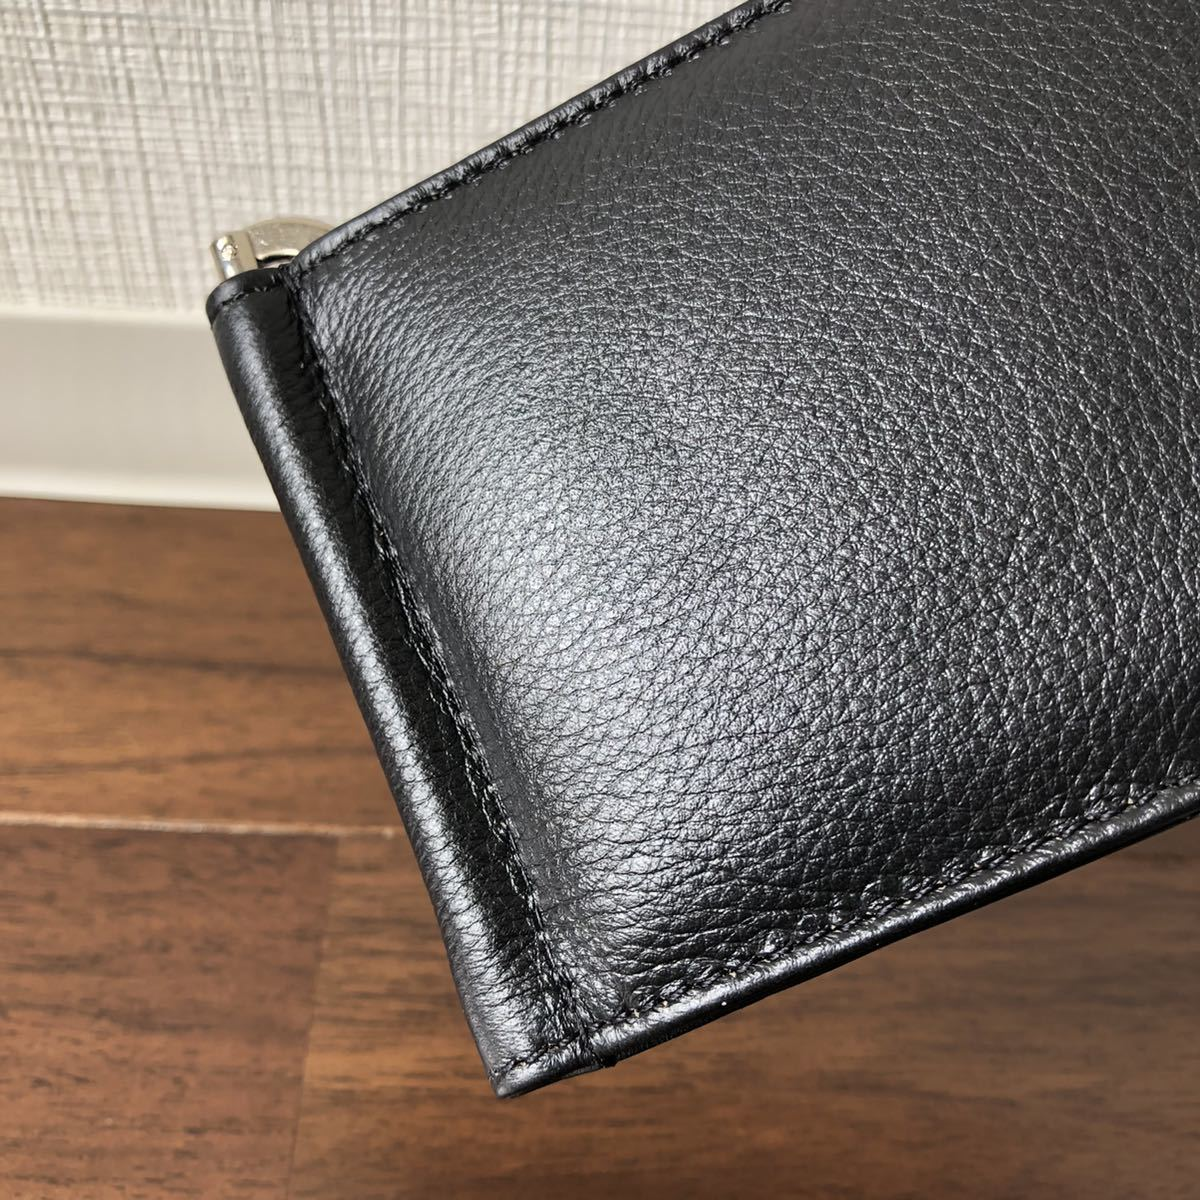 本革 ソフトレザー 薄型 マネークリップ ブラック 二つ折り財布 バネ口 コインケース メンズ レディース ビジネス コンパクト 薄マチ 財布_画像4